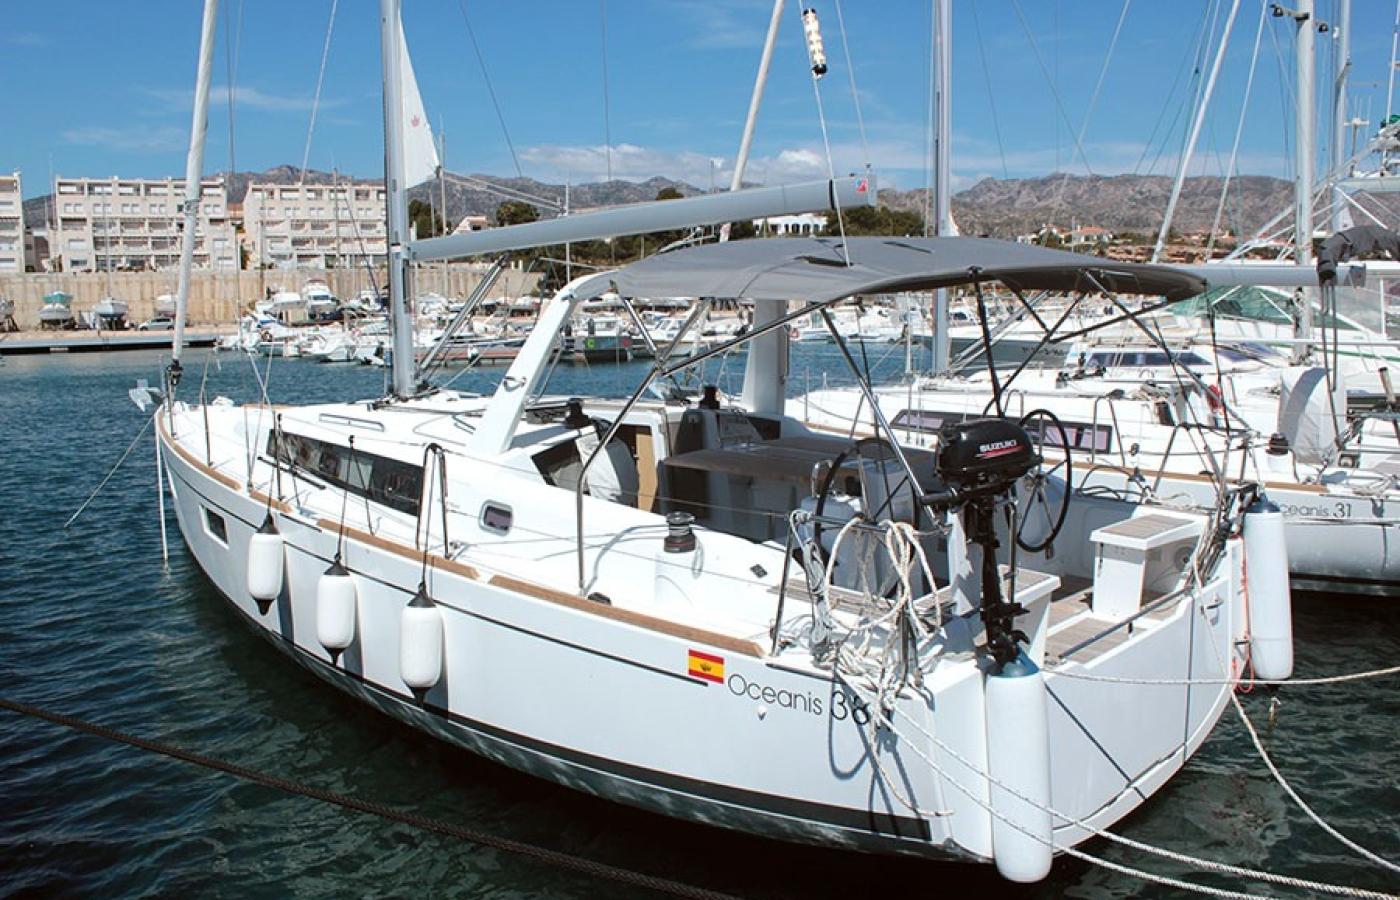 Beneteau Oceanis 38.1 Ocean Sail Yacht